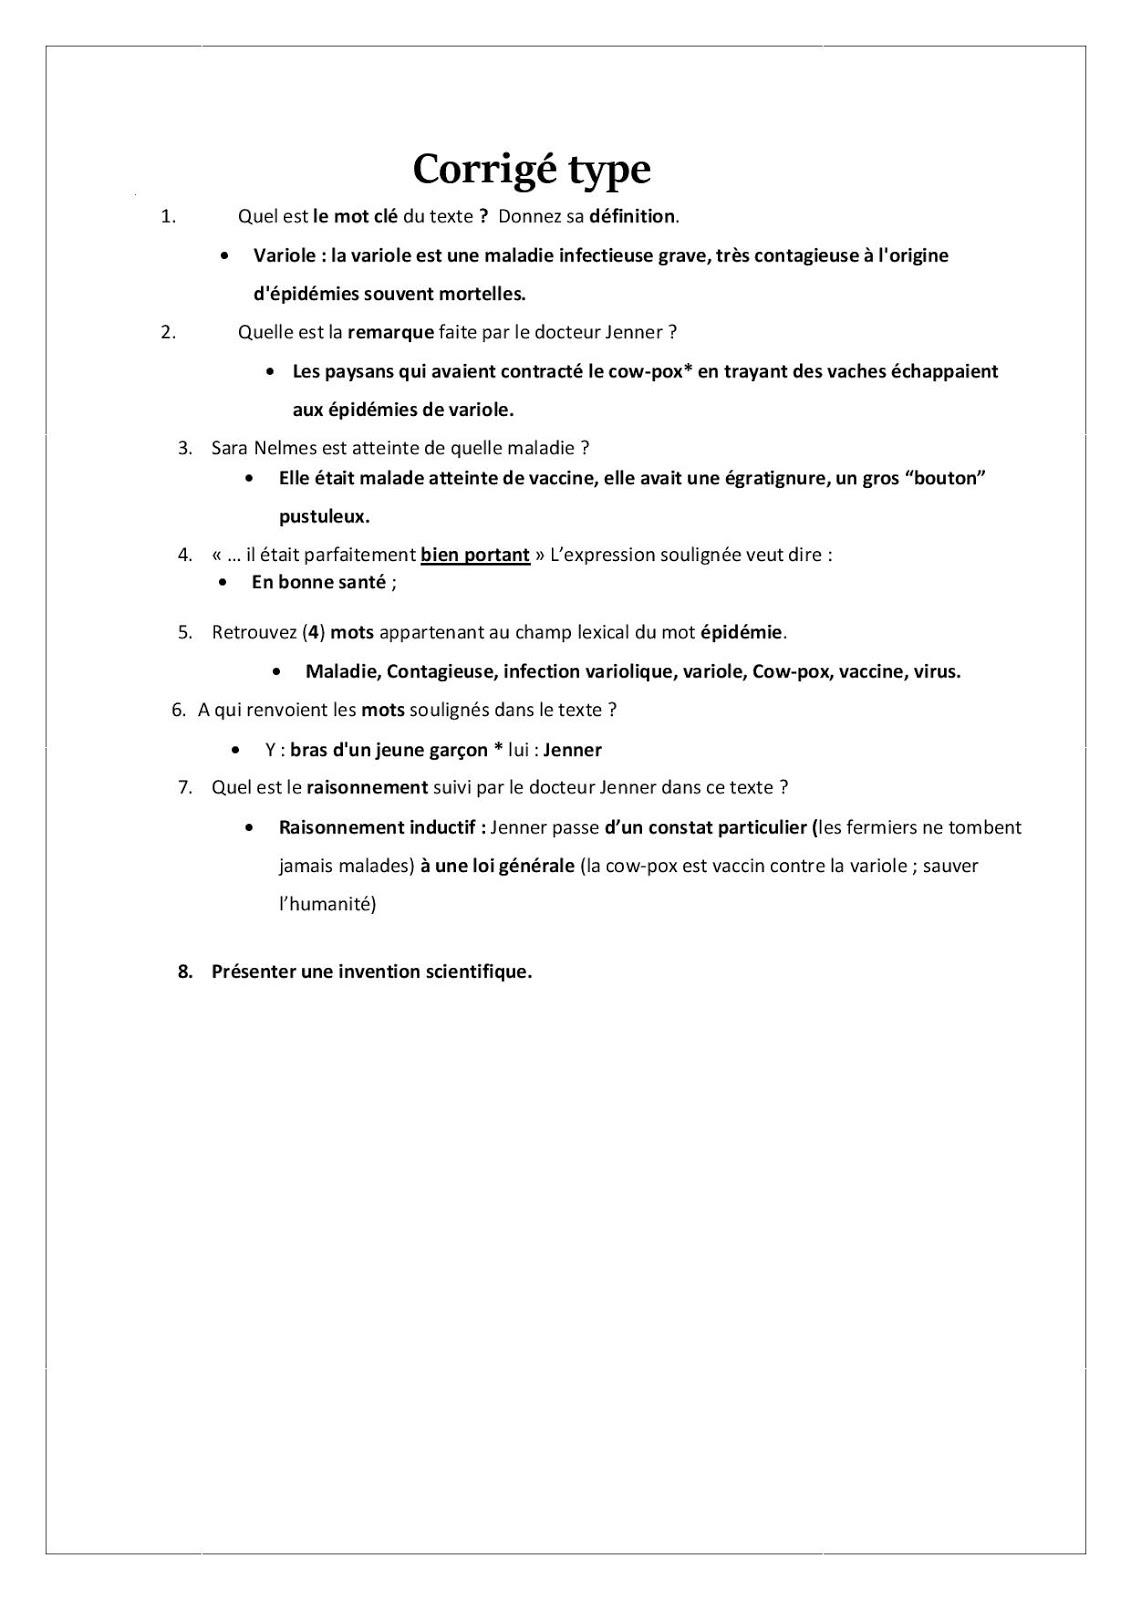 اختبار اللغة الفرنسية للسنة الثانية ثانوي